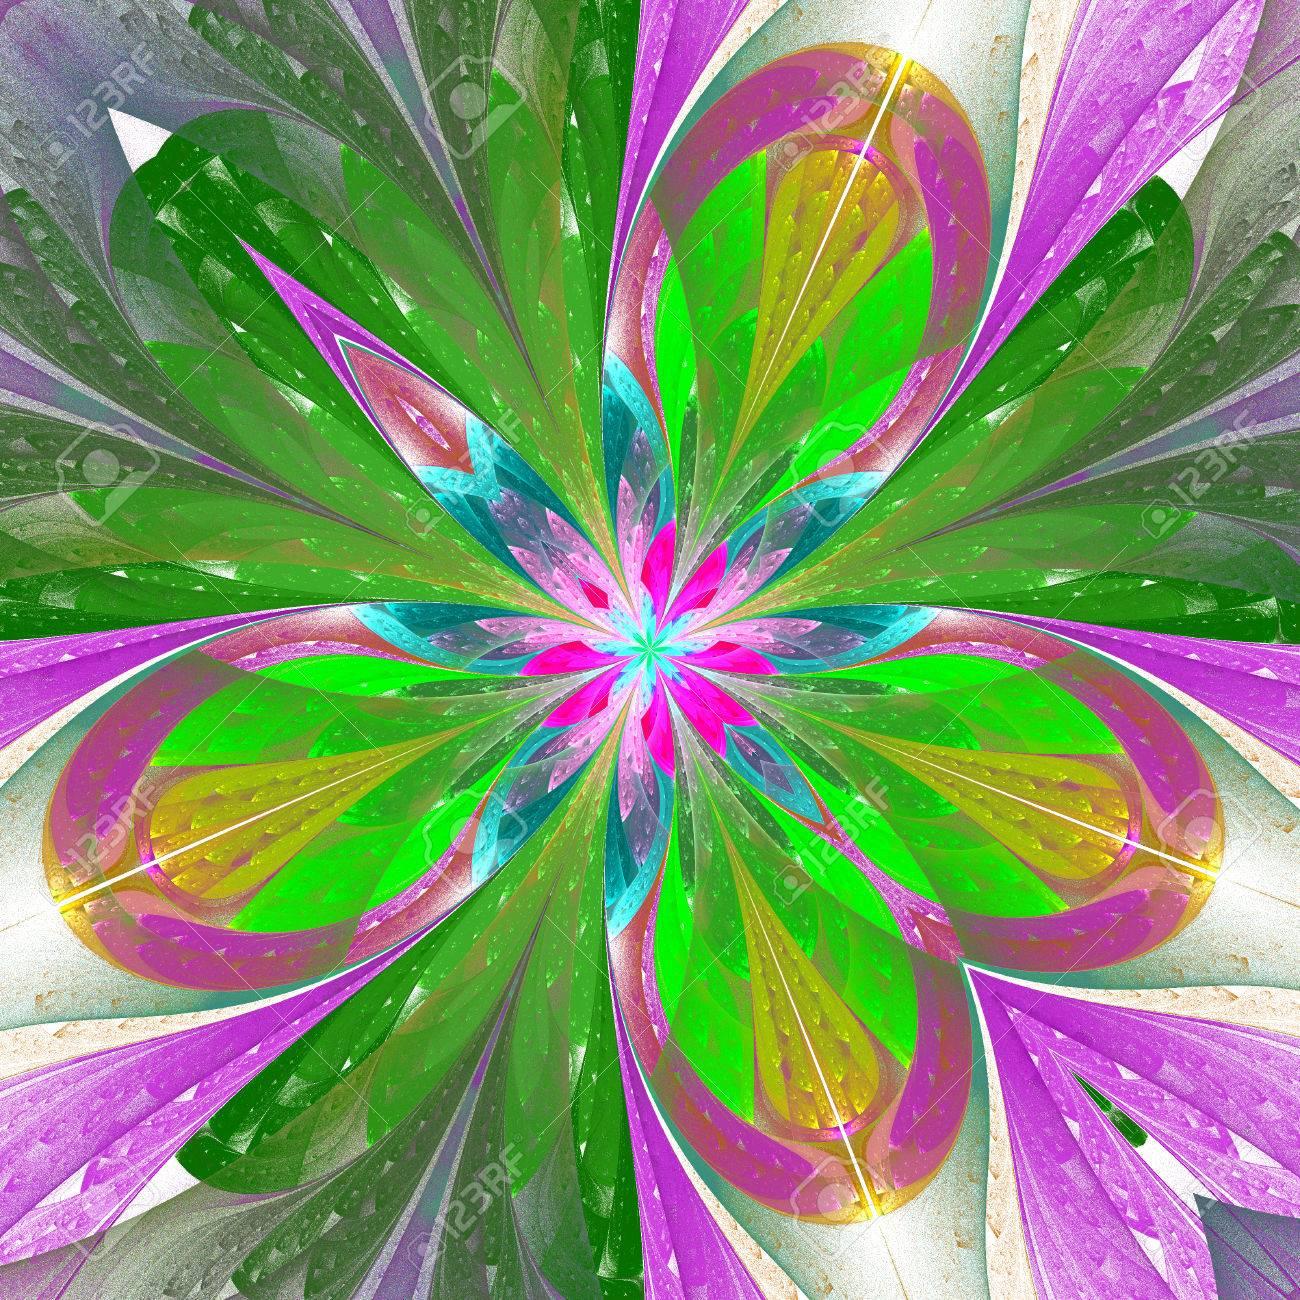 Fractal De La Flor Hermosa O Una Mariposa En Estilo Vitral. Elemento ...